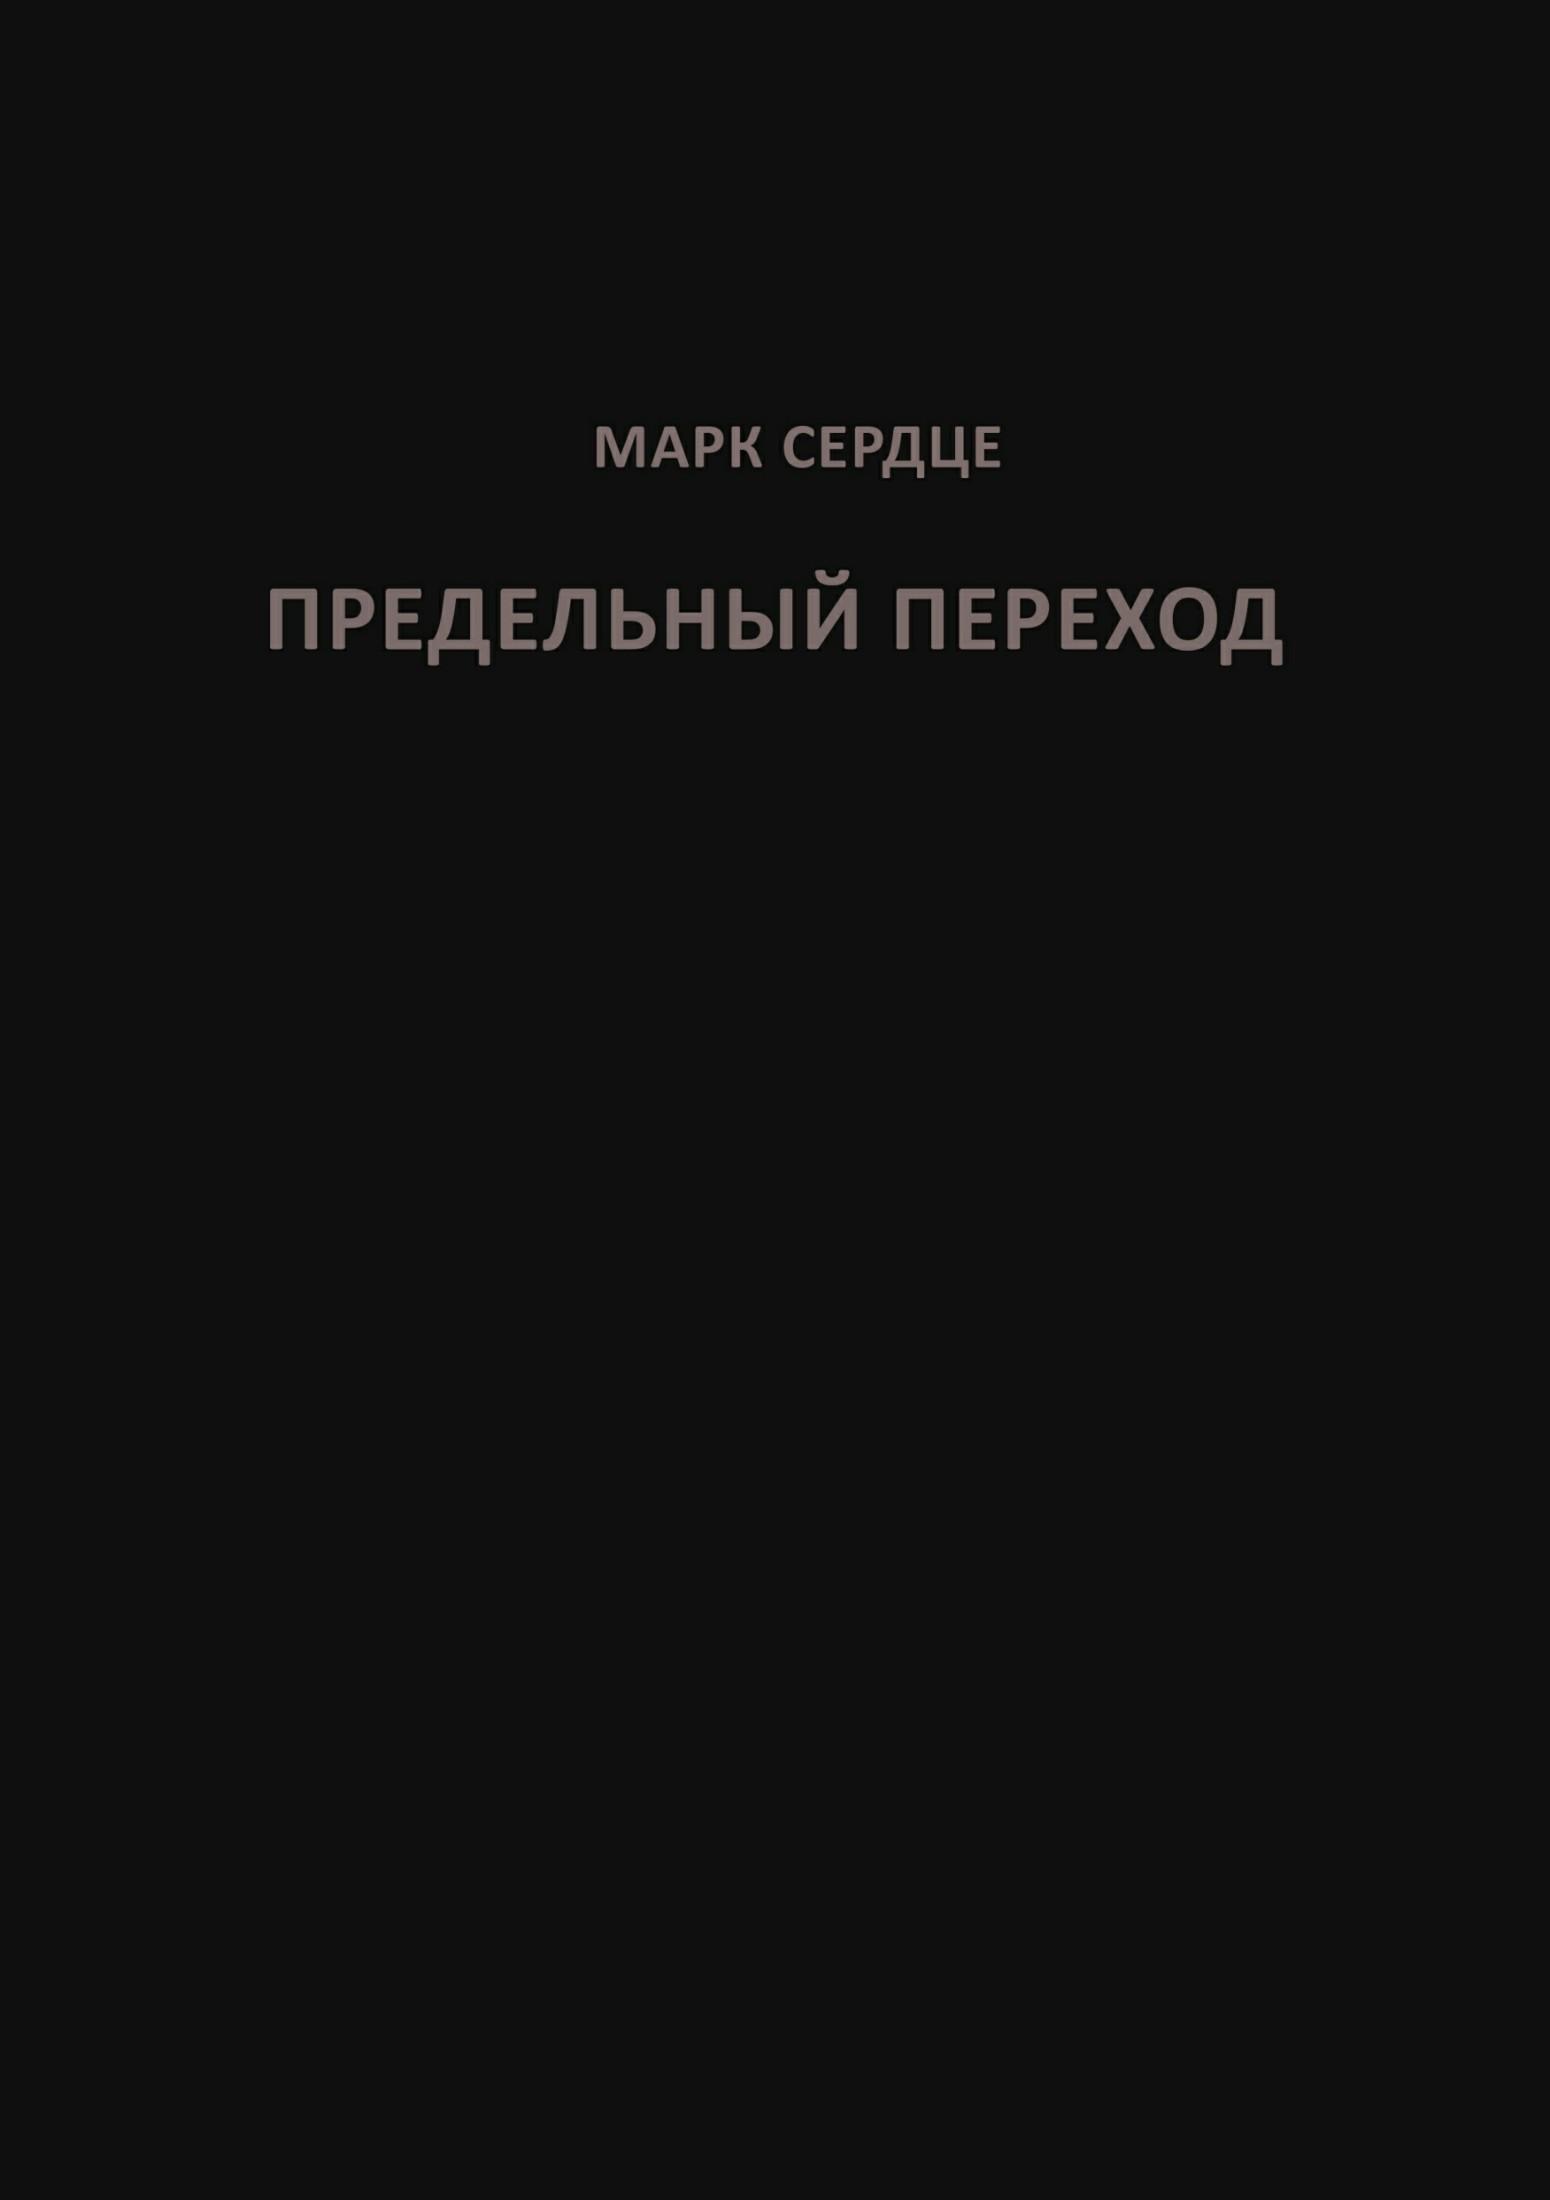 Марк Гершевич Сердце Предельный переход. Стихи